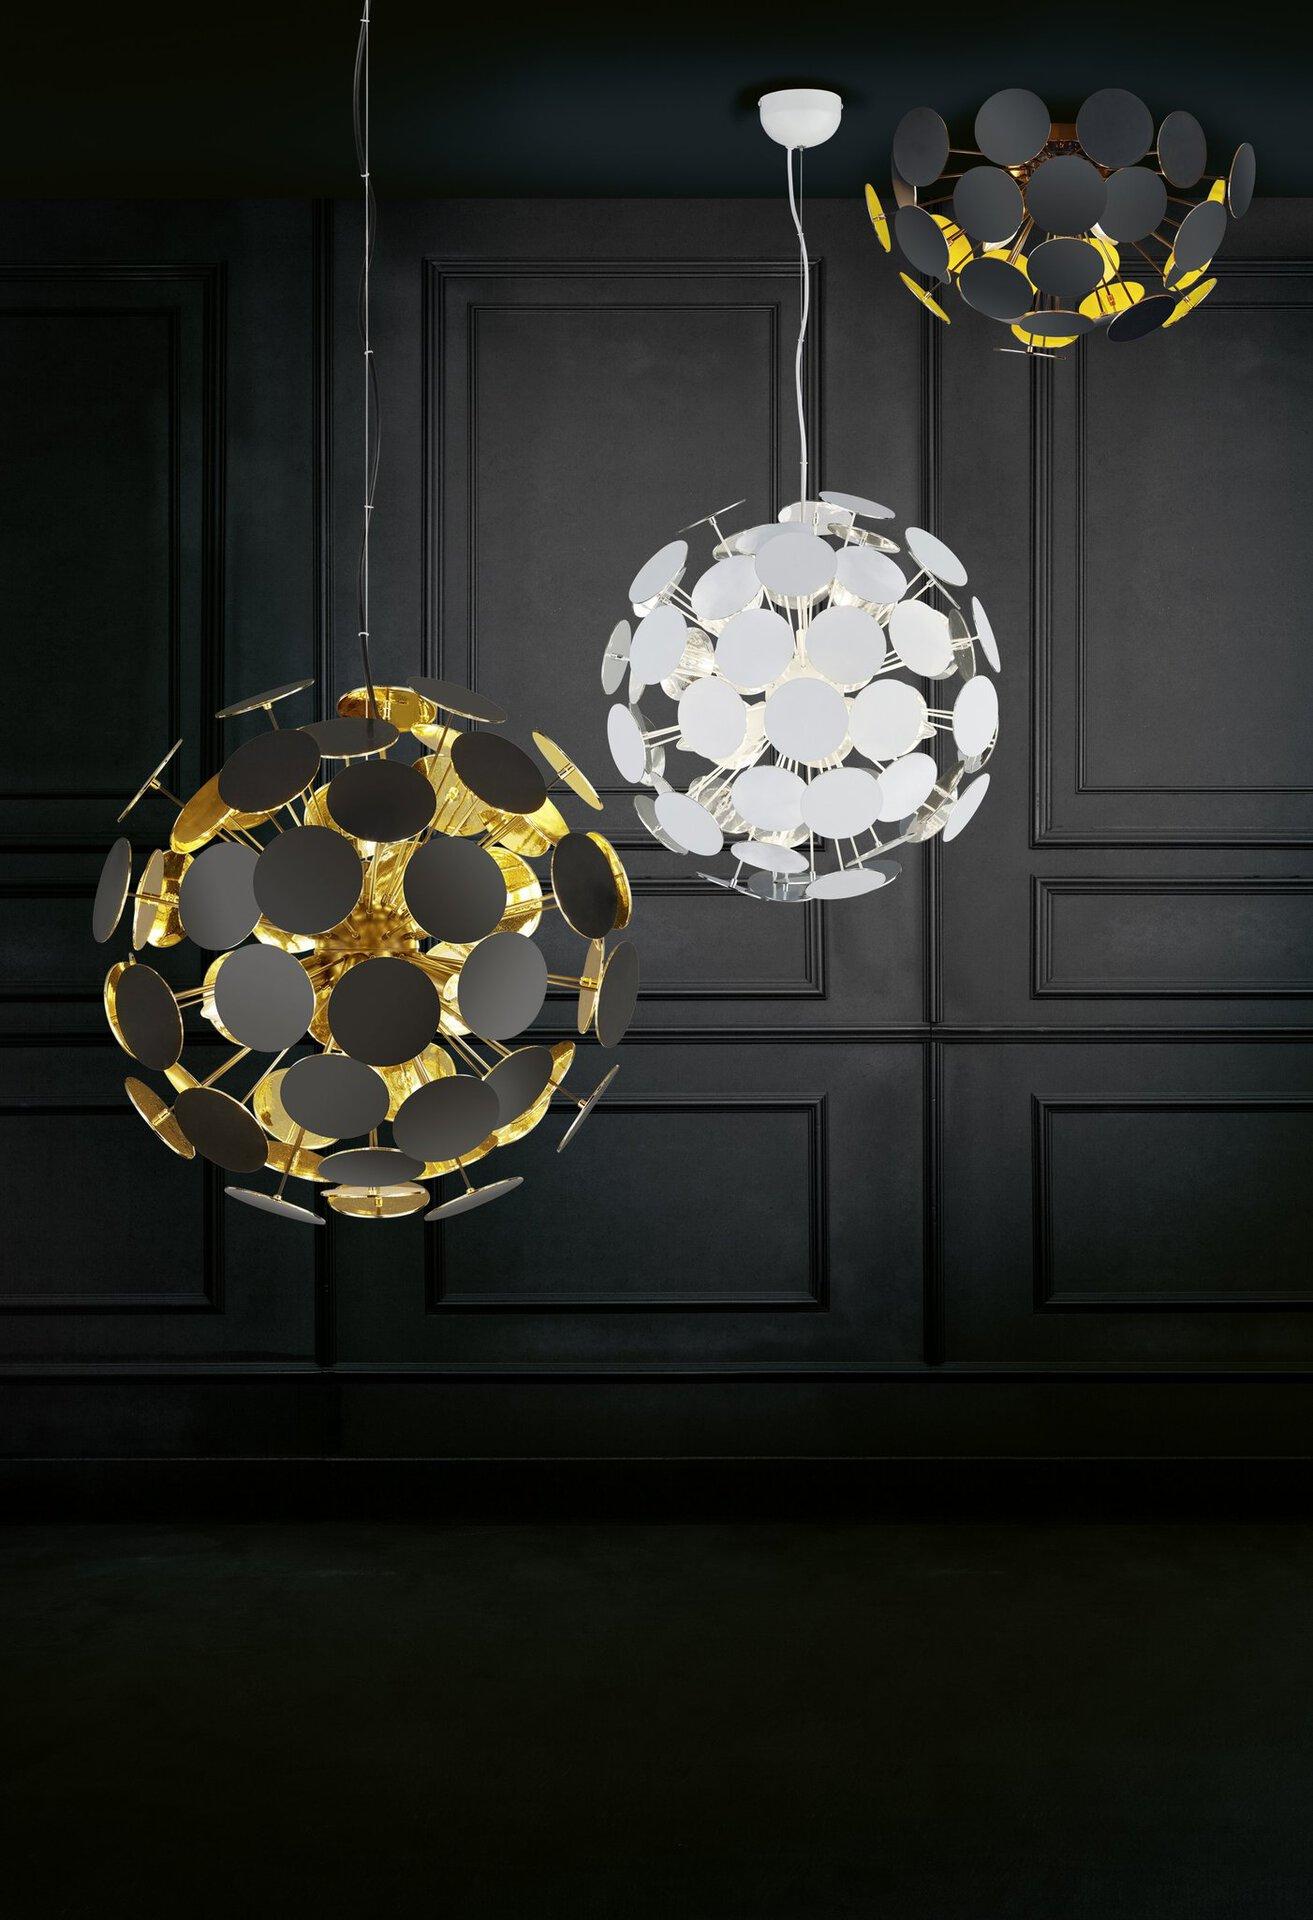 Deckenleuchte Discalgo Trio Leuchten Kunststoff schwarz 54 x 30 x 54 cm